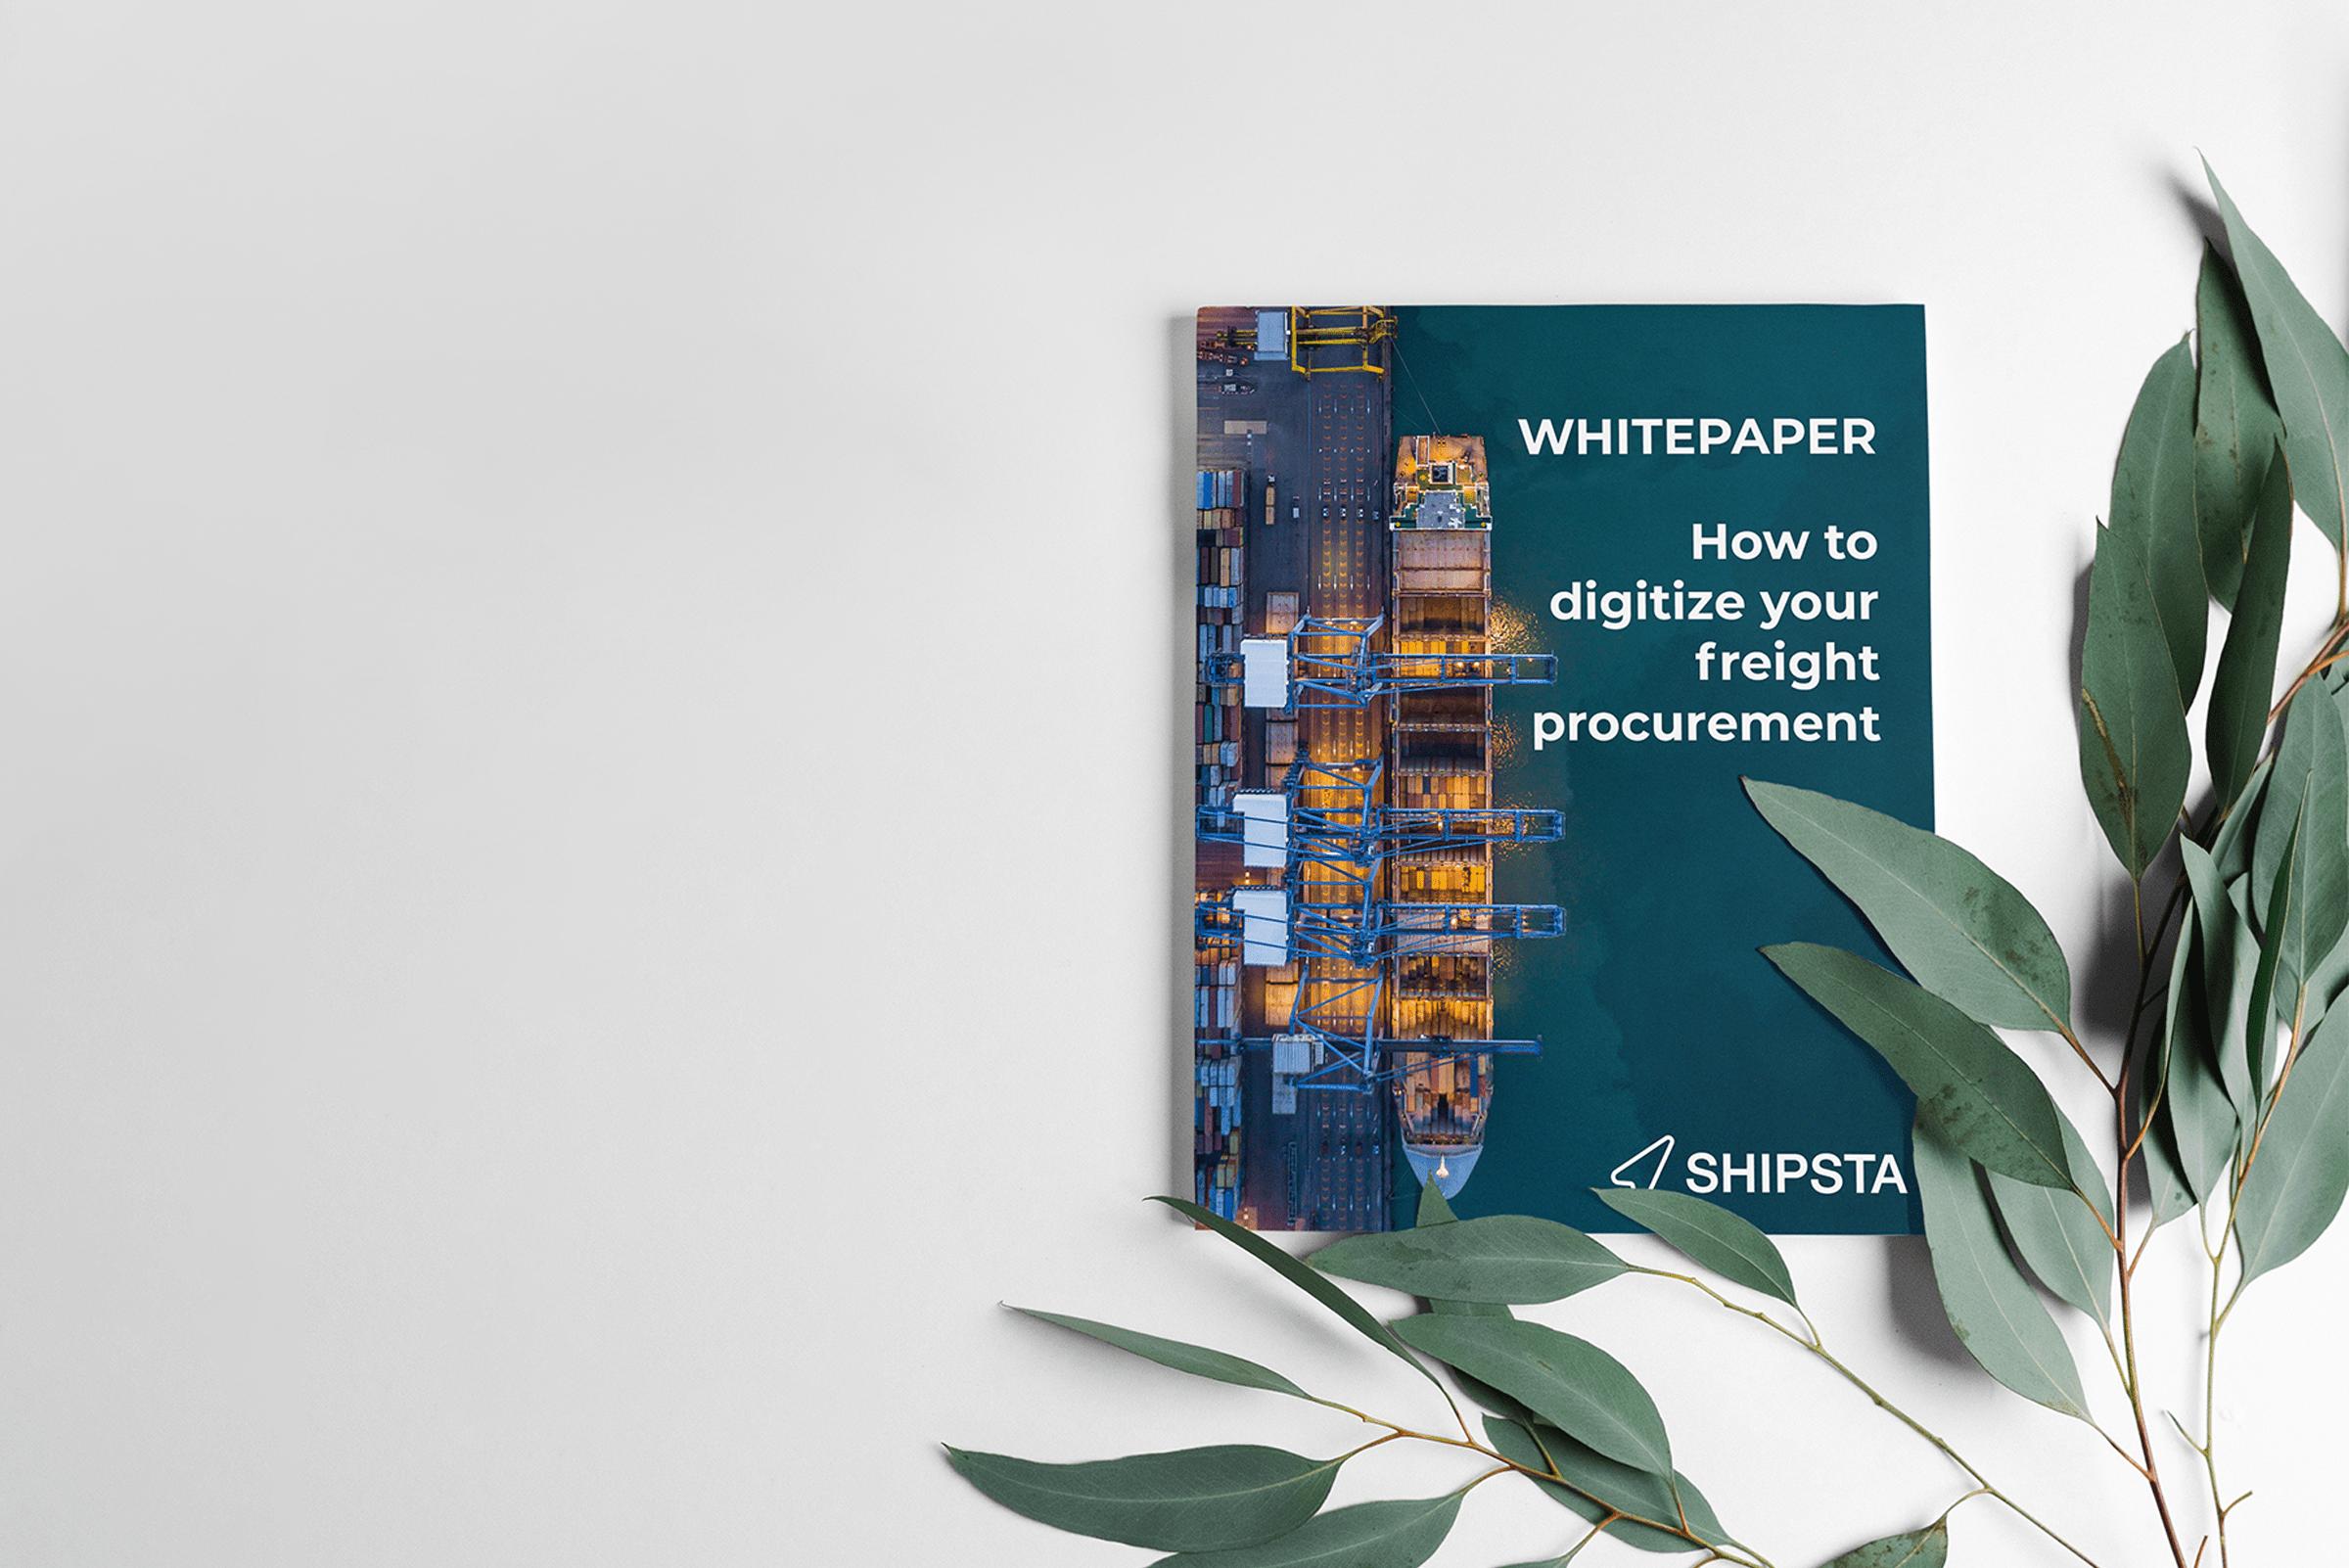 Whitepaper-Downlaod-Digitization